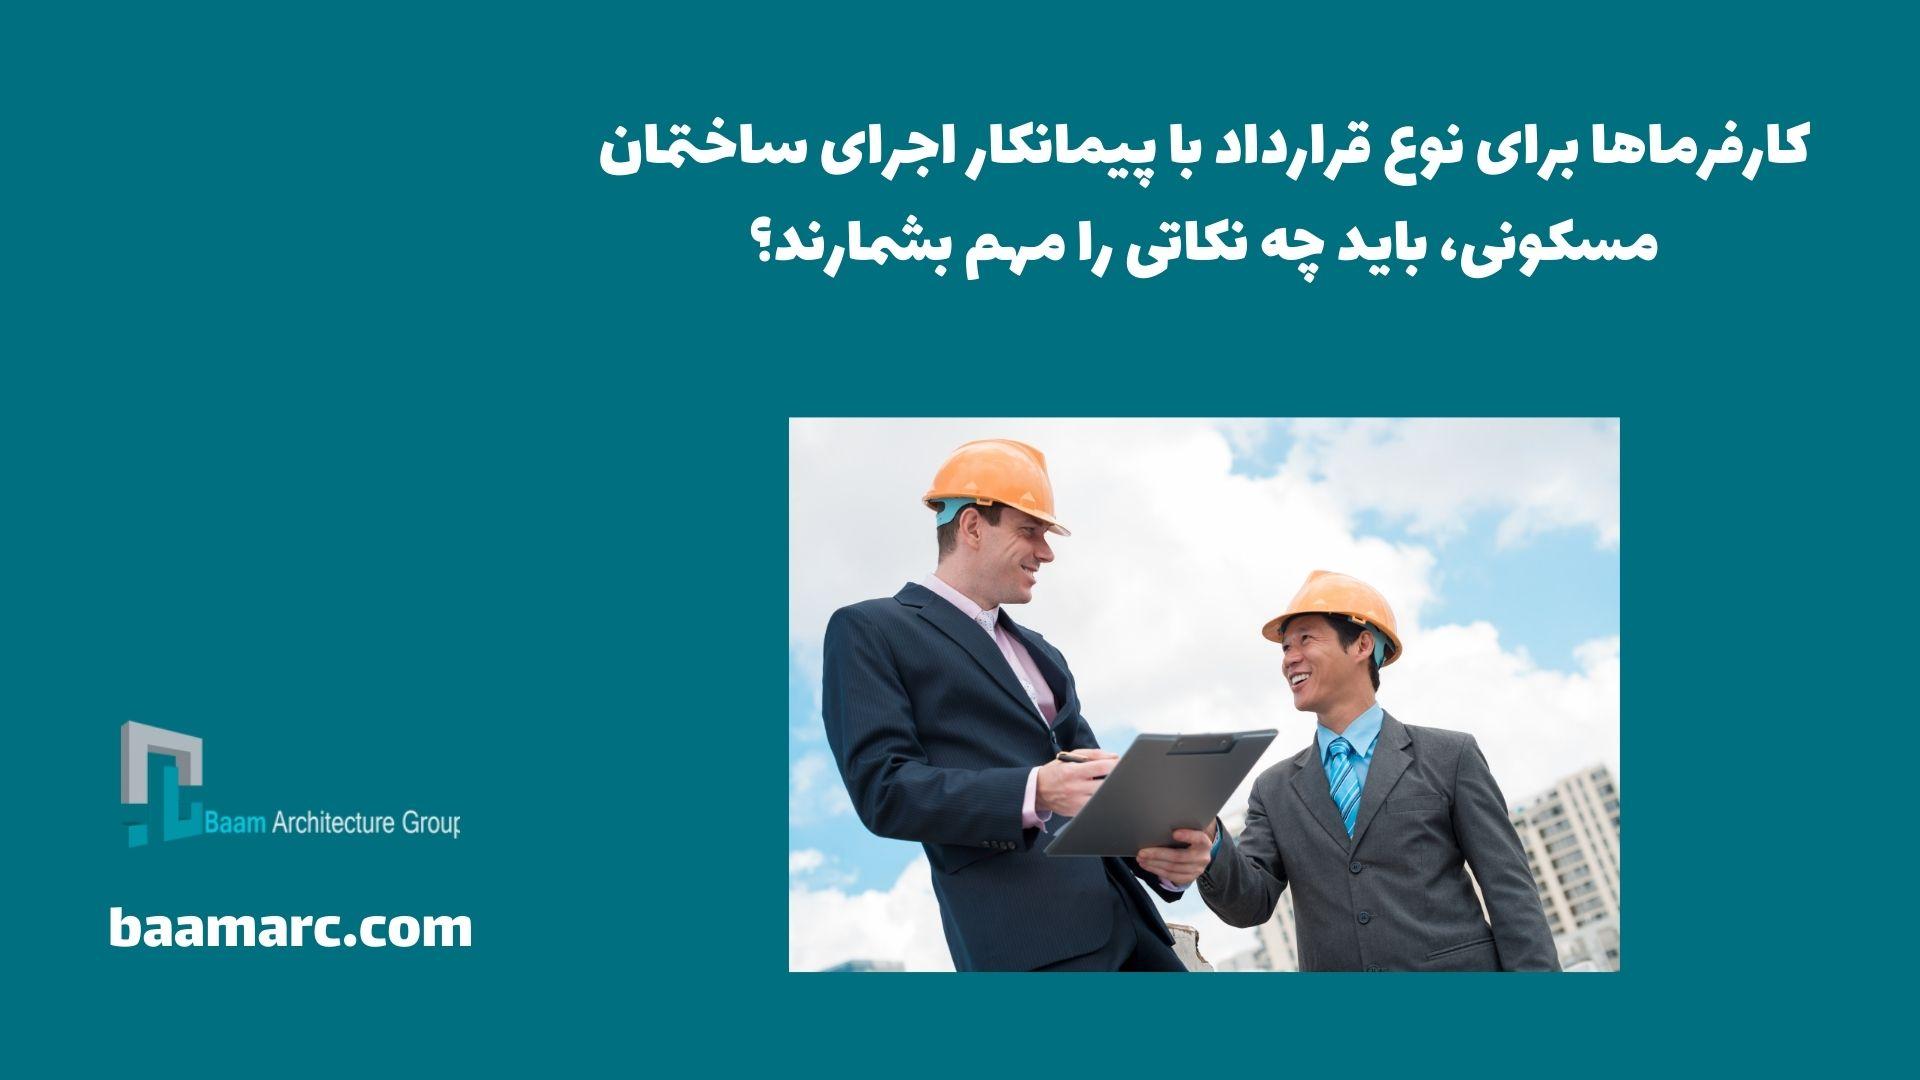 کارفرماها برای نوع قرارداد با پیمانکار اجرای ساختمان مسکونی، باید چه نکاتی را مهم بشمارند؟